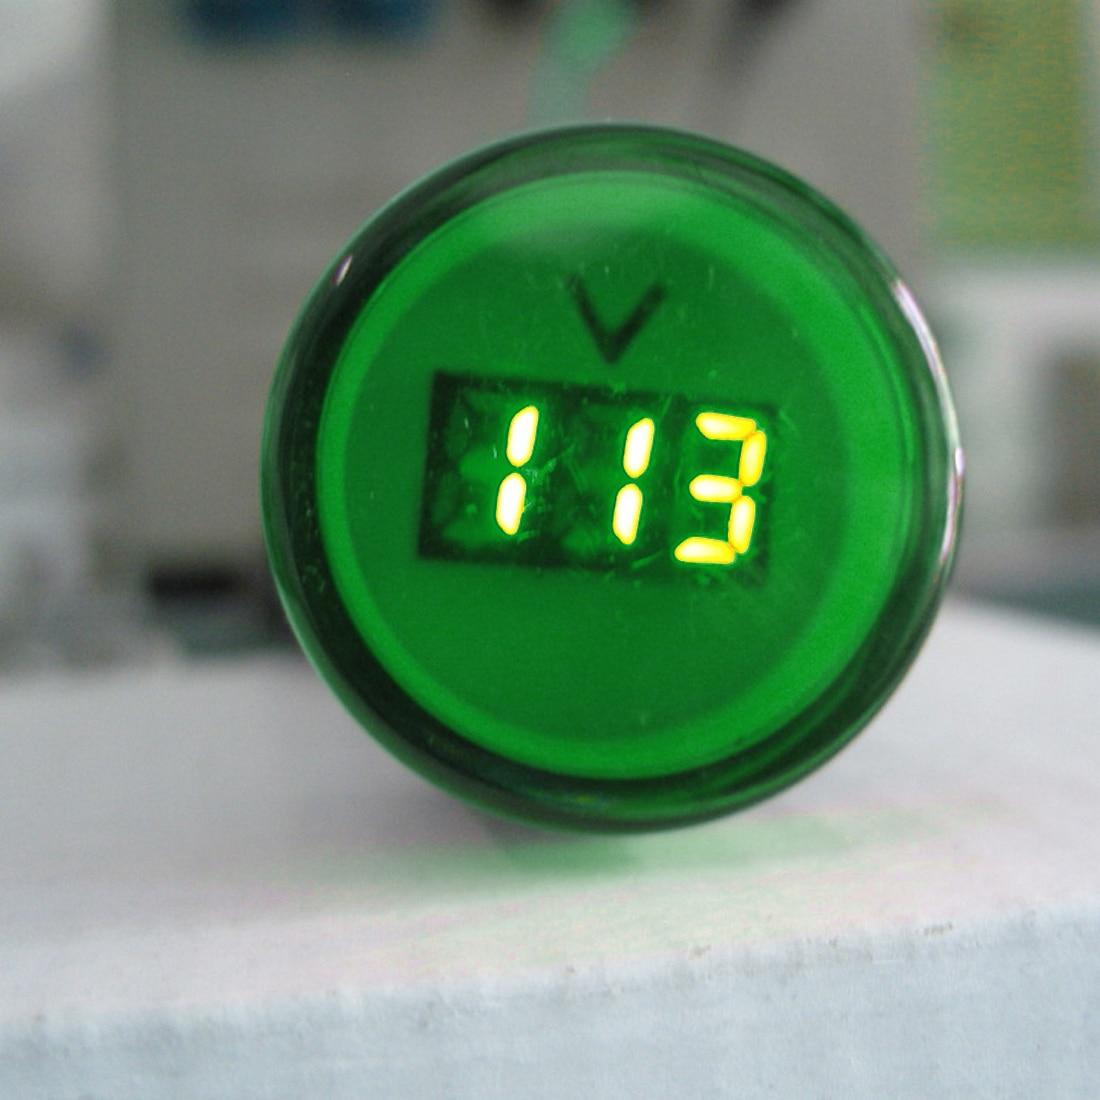 LED Voltmeter 1PC 22MM AC 60-500V Voltage Meter Indicator Pilot Light digital ammeter ammeter Red Yellow Green